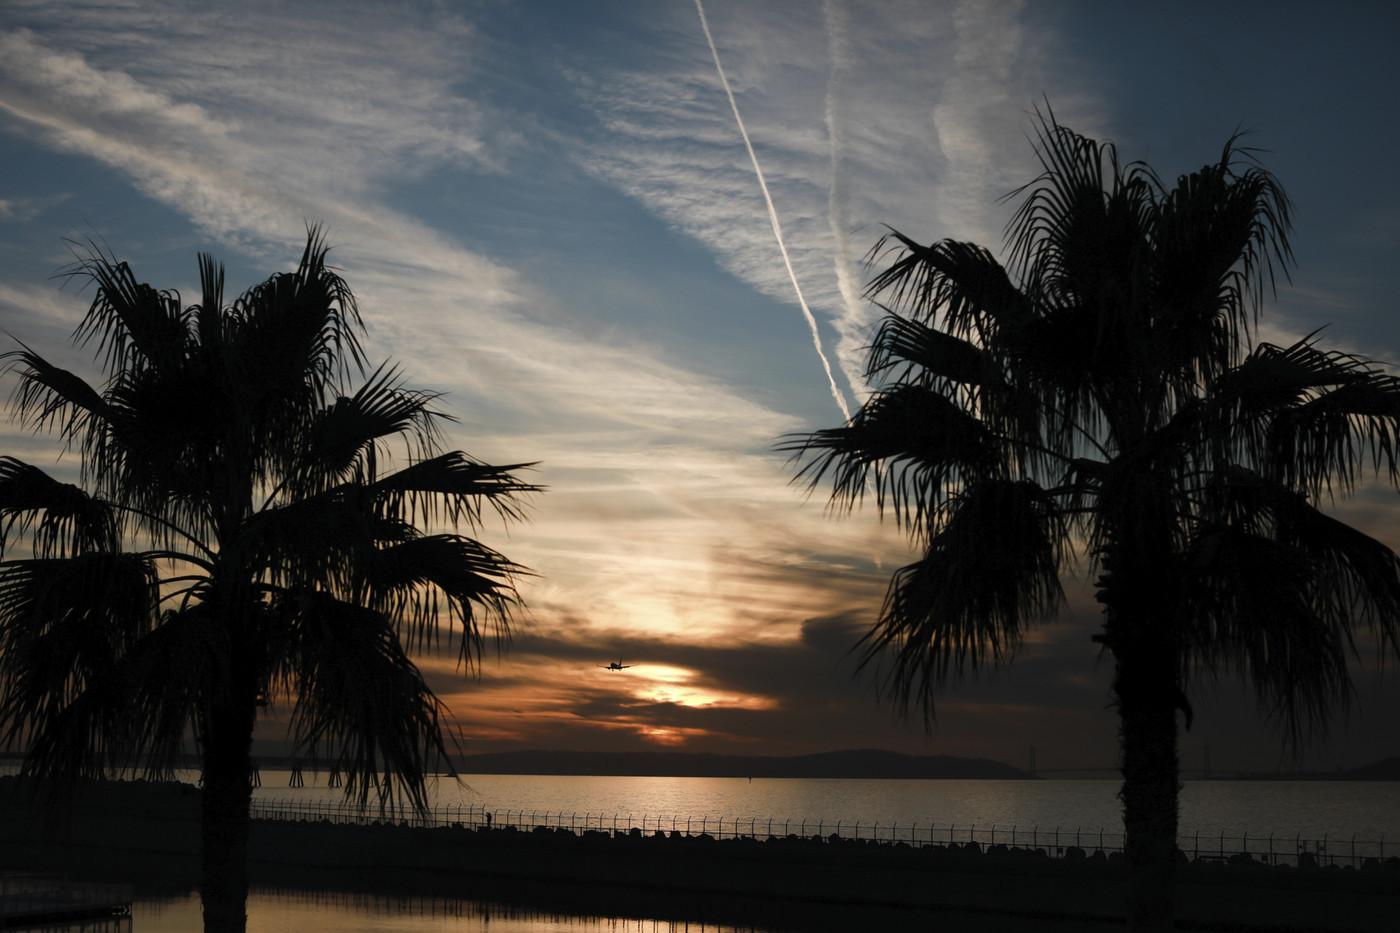 夜景、SUNSET.jpg